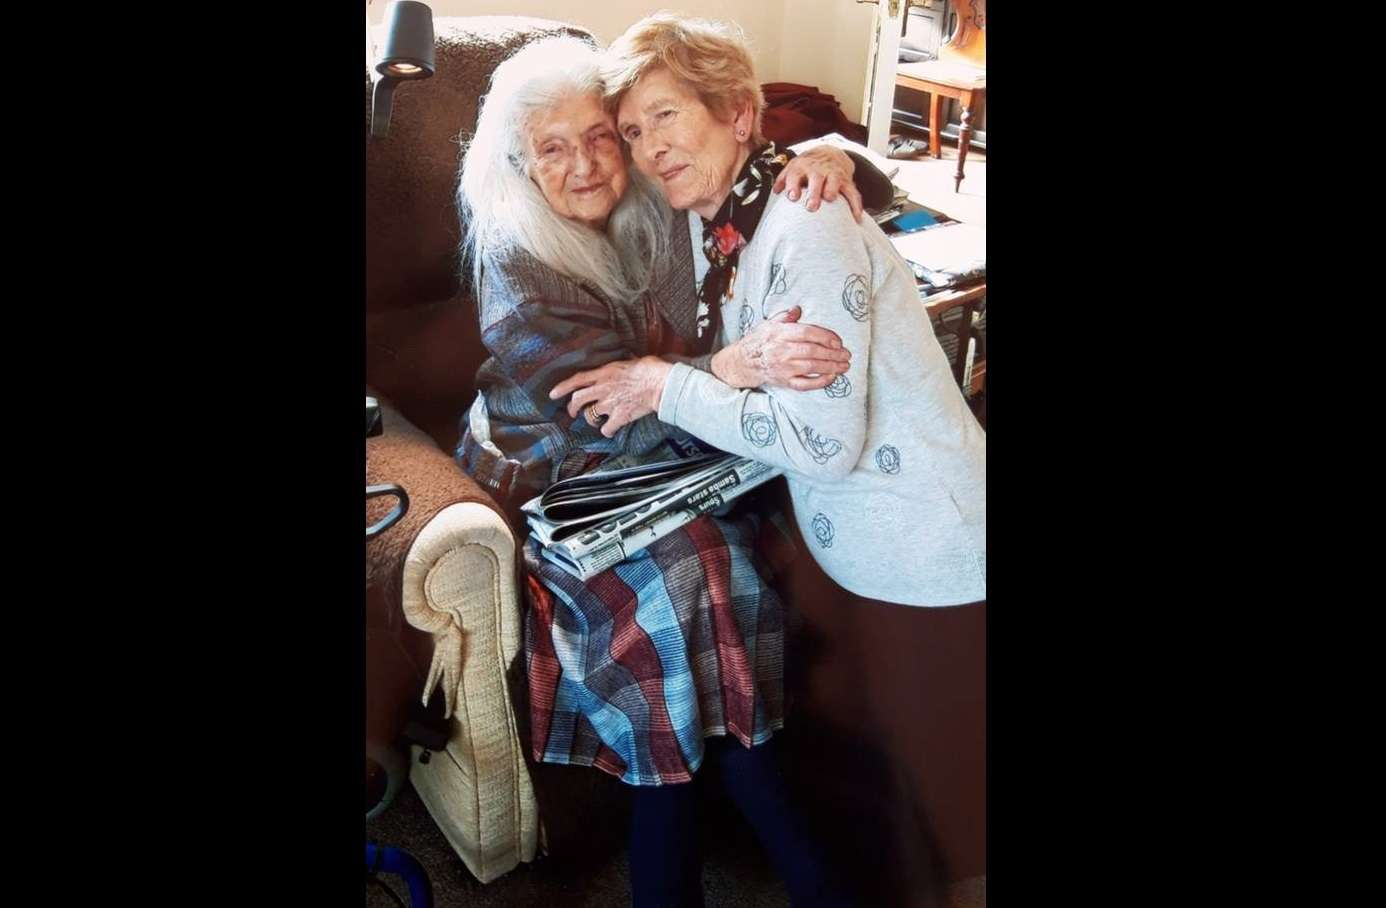 Eileen Macken junto a su madre Elisabeth. Captura de video: RTE News